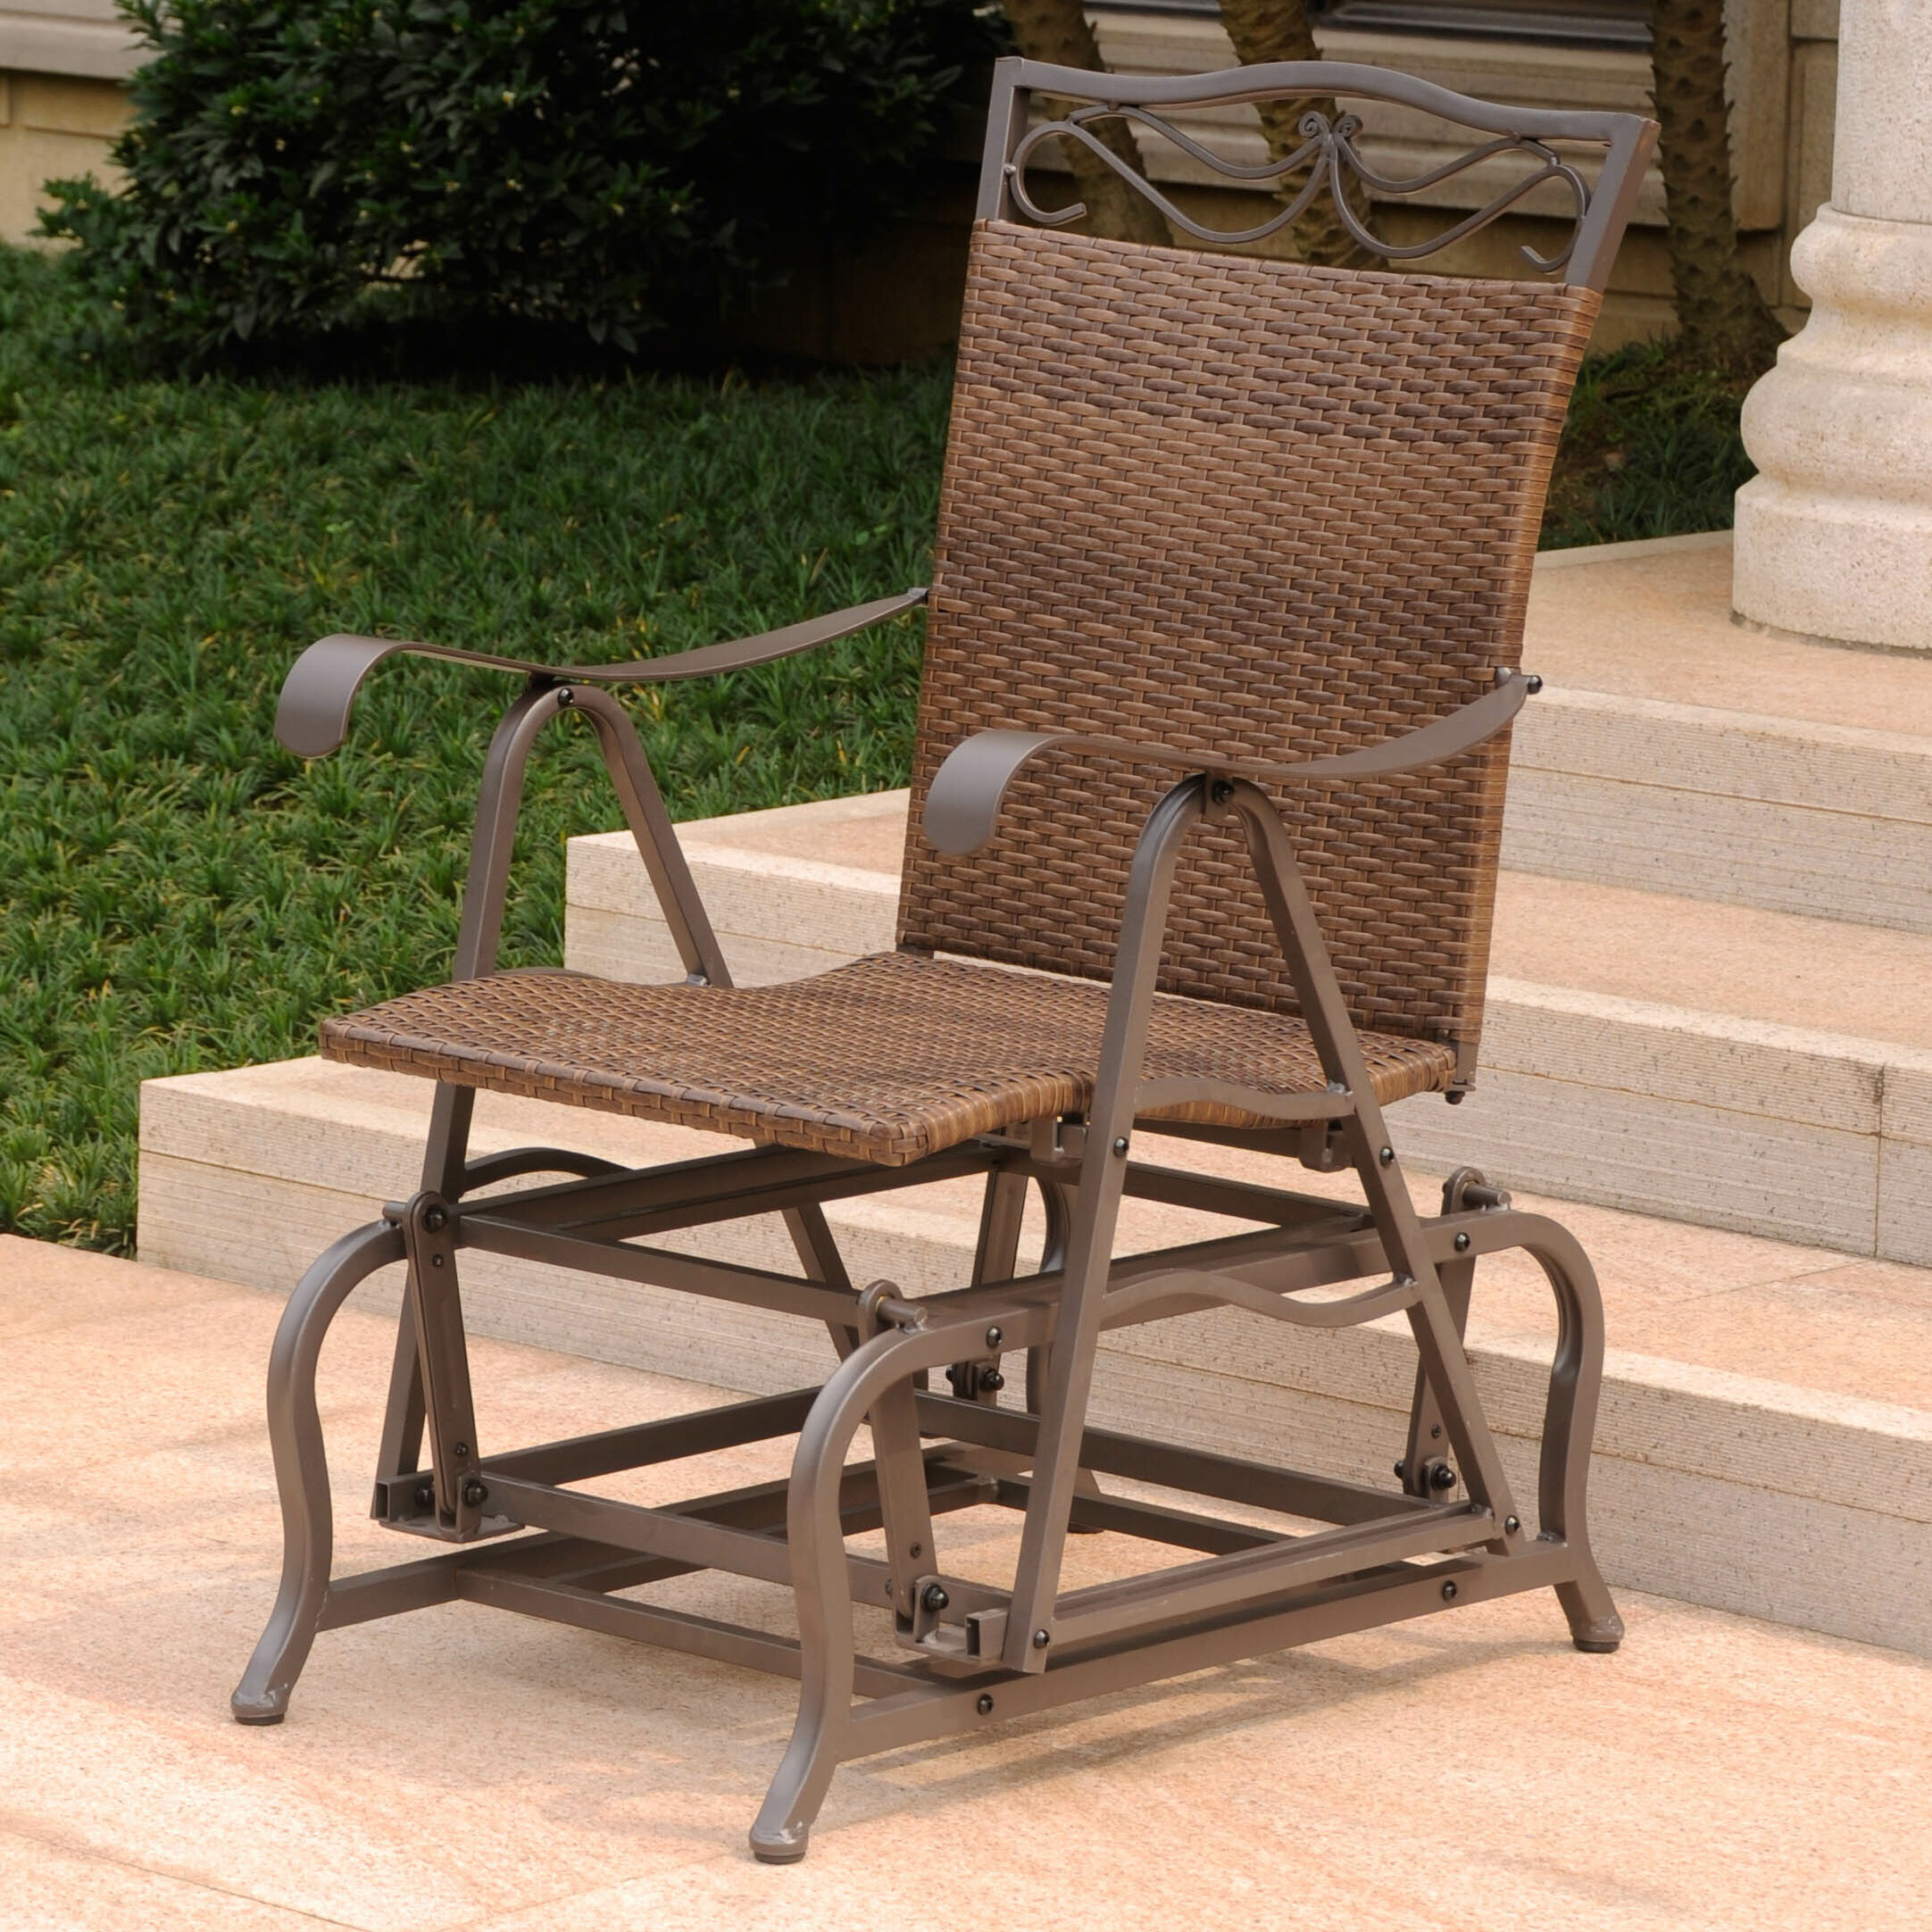 Admirable Stapleton Patio Glider Chair Download Free Architecture Designs Scobabritishbridgeorg